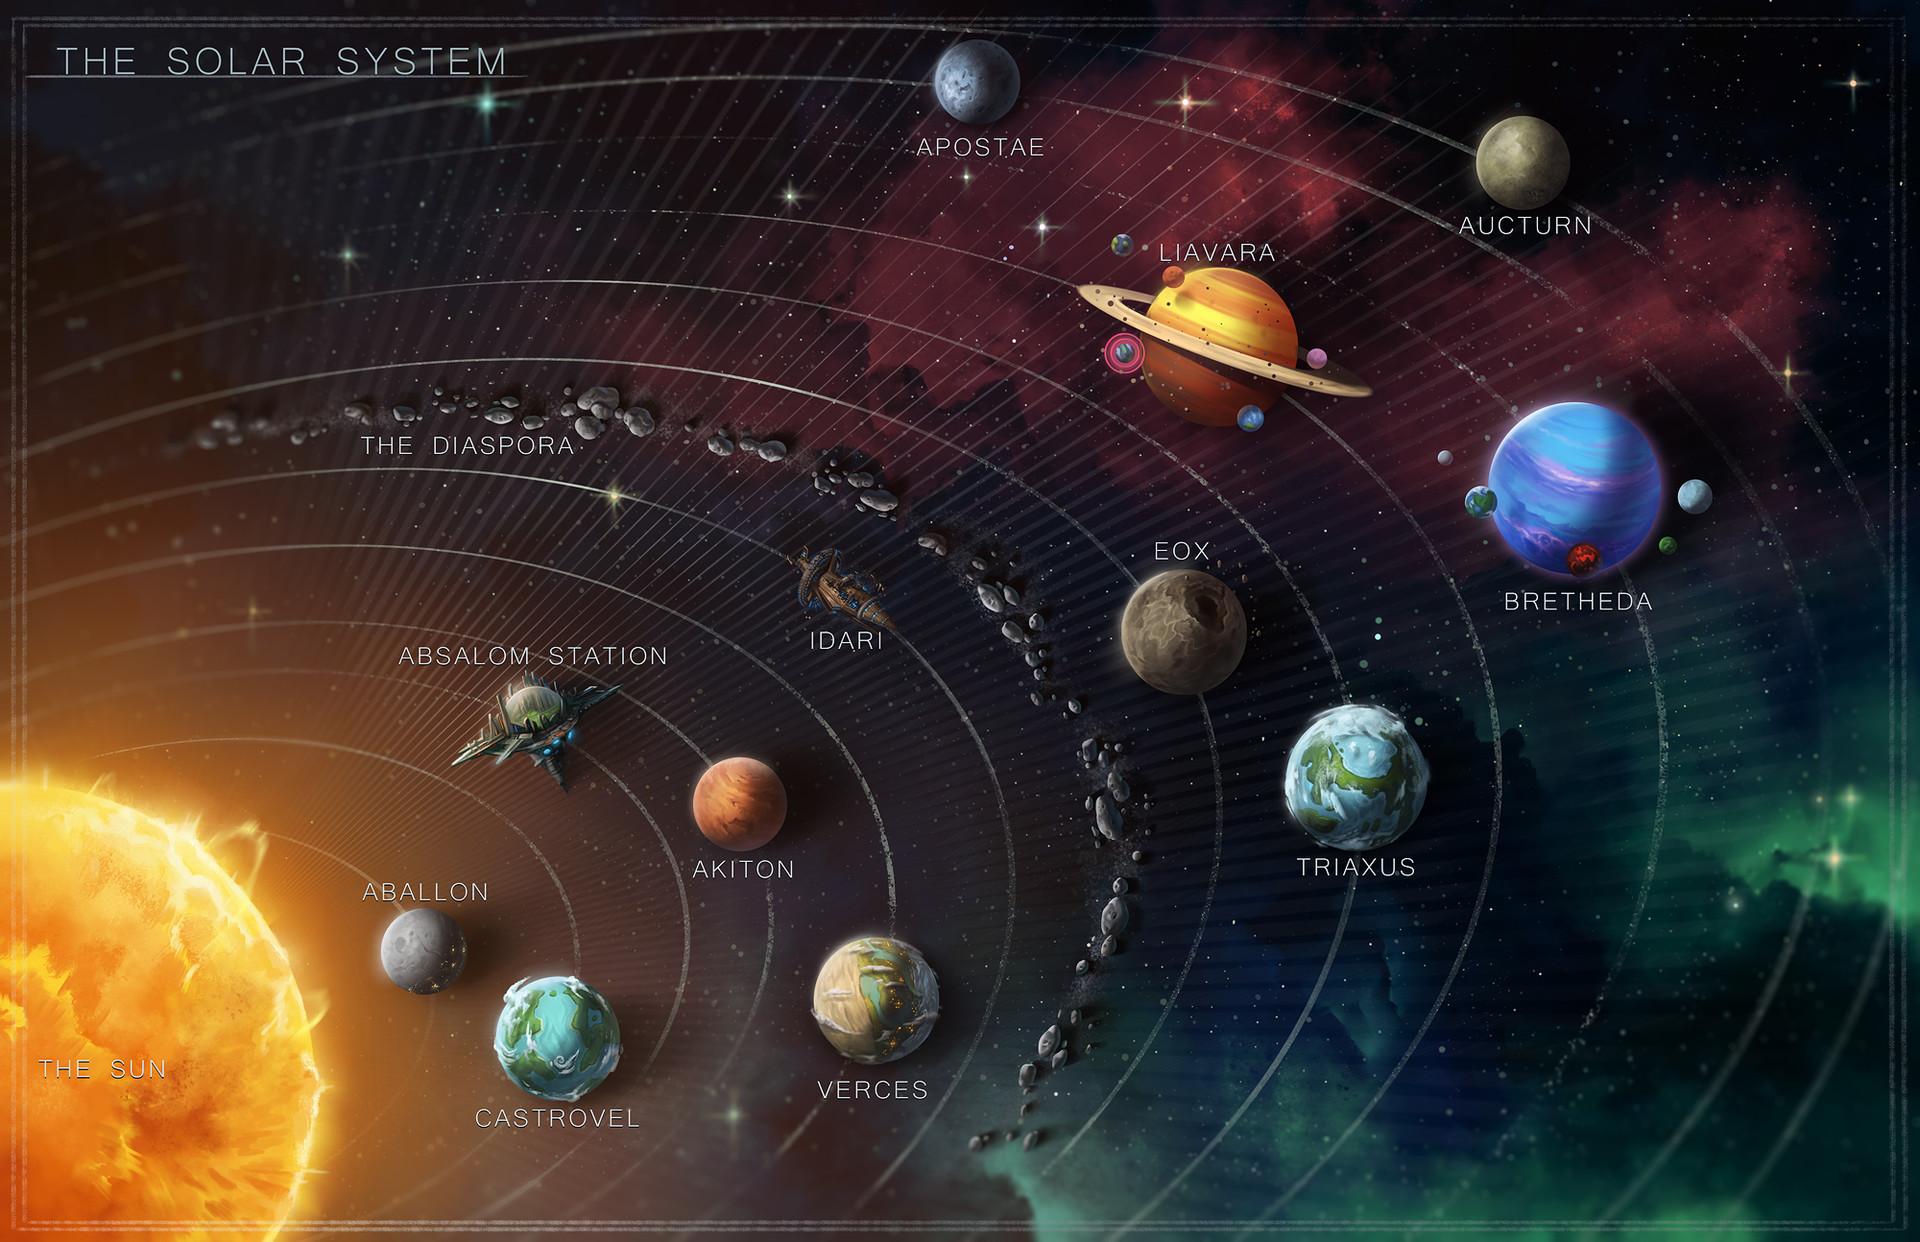 Damien mammoliti pzo7101 solarsystem